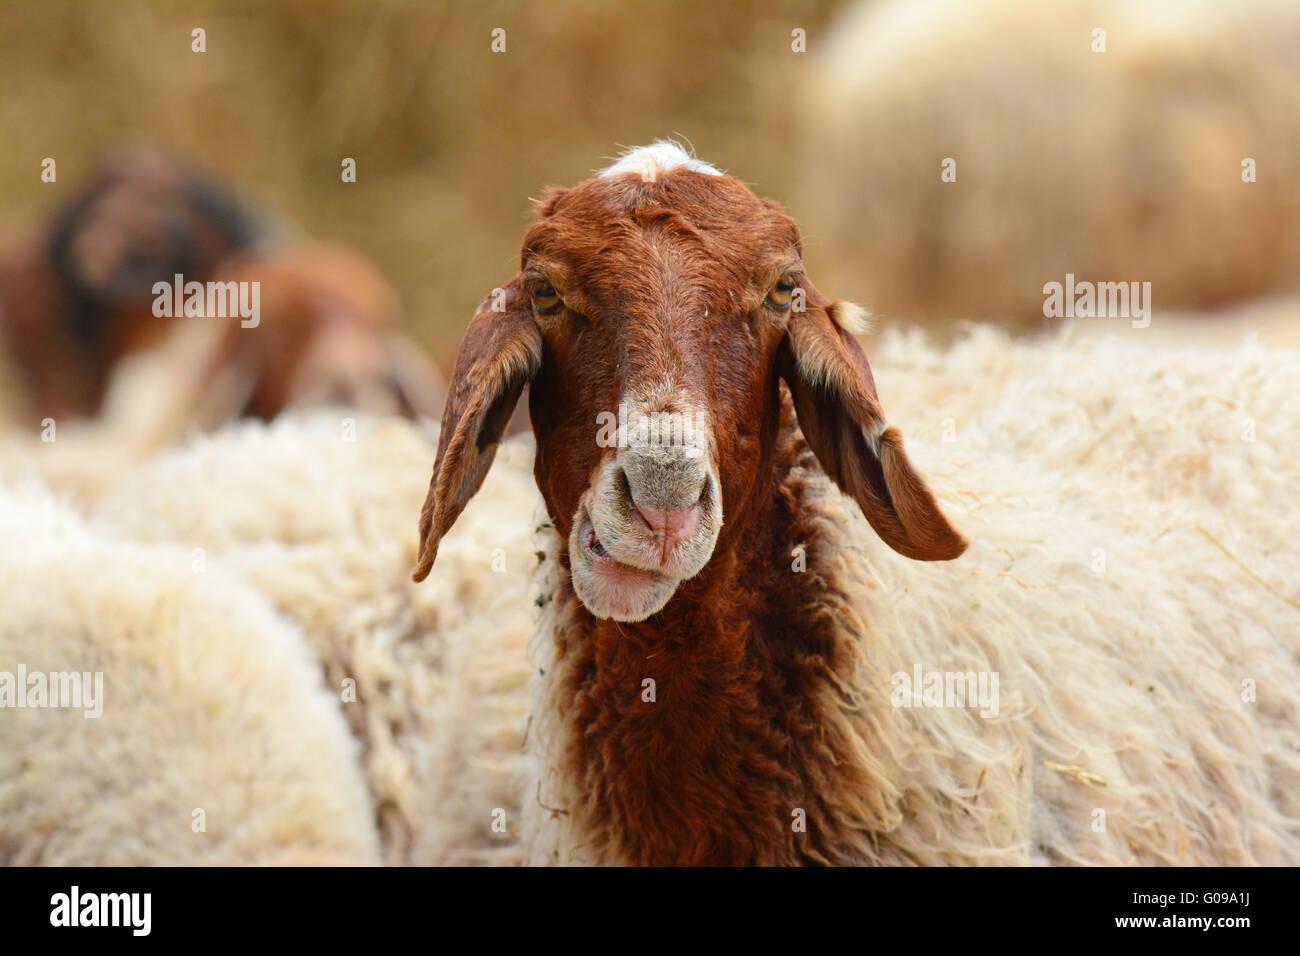 Divertente ritratto di pecora Immagini Stock